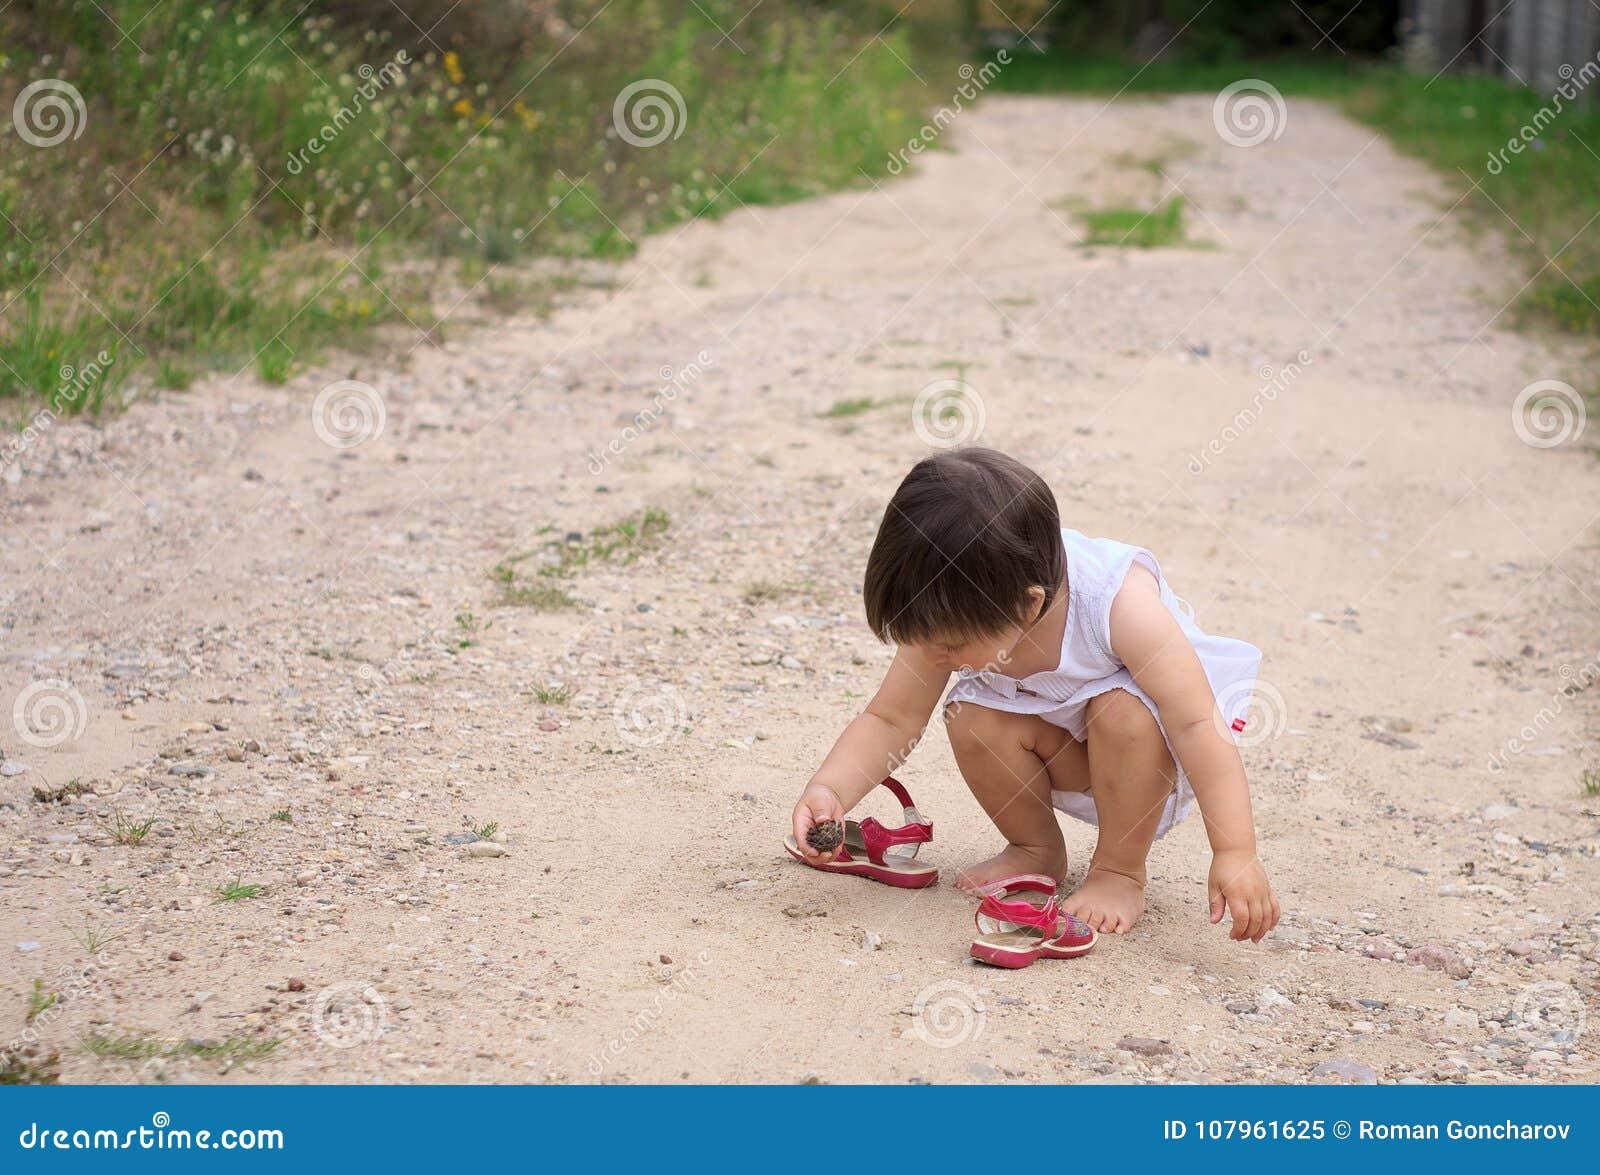 La niña encontró un cono del pino en el camino